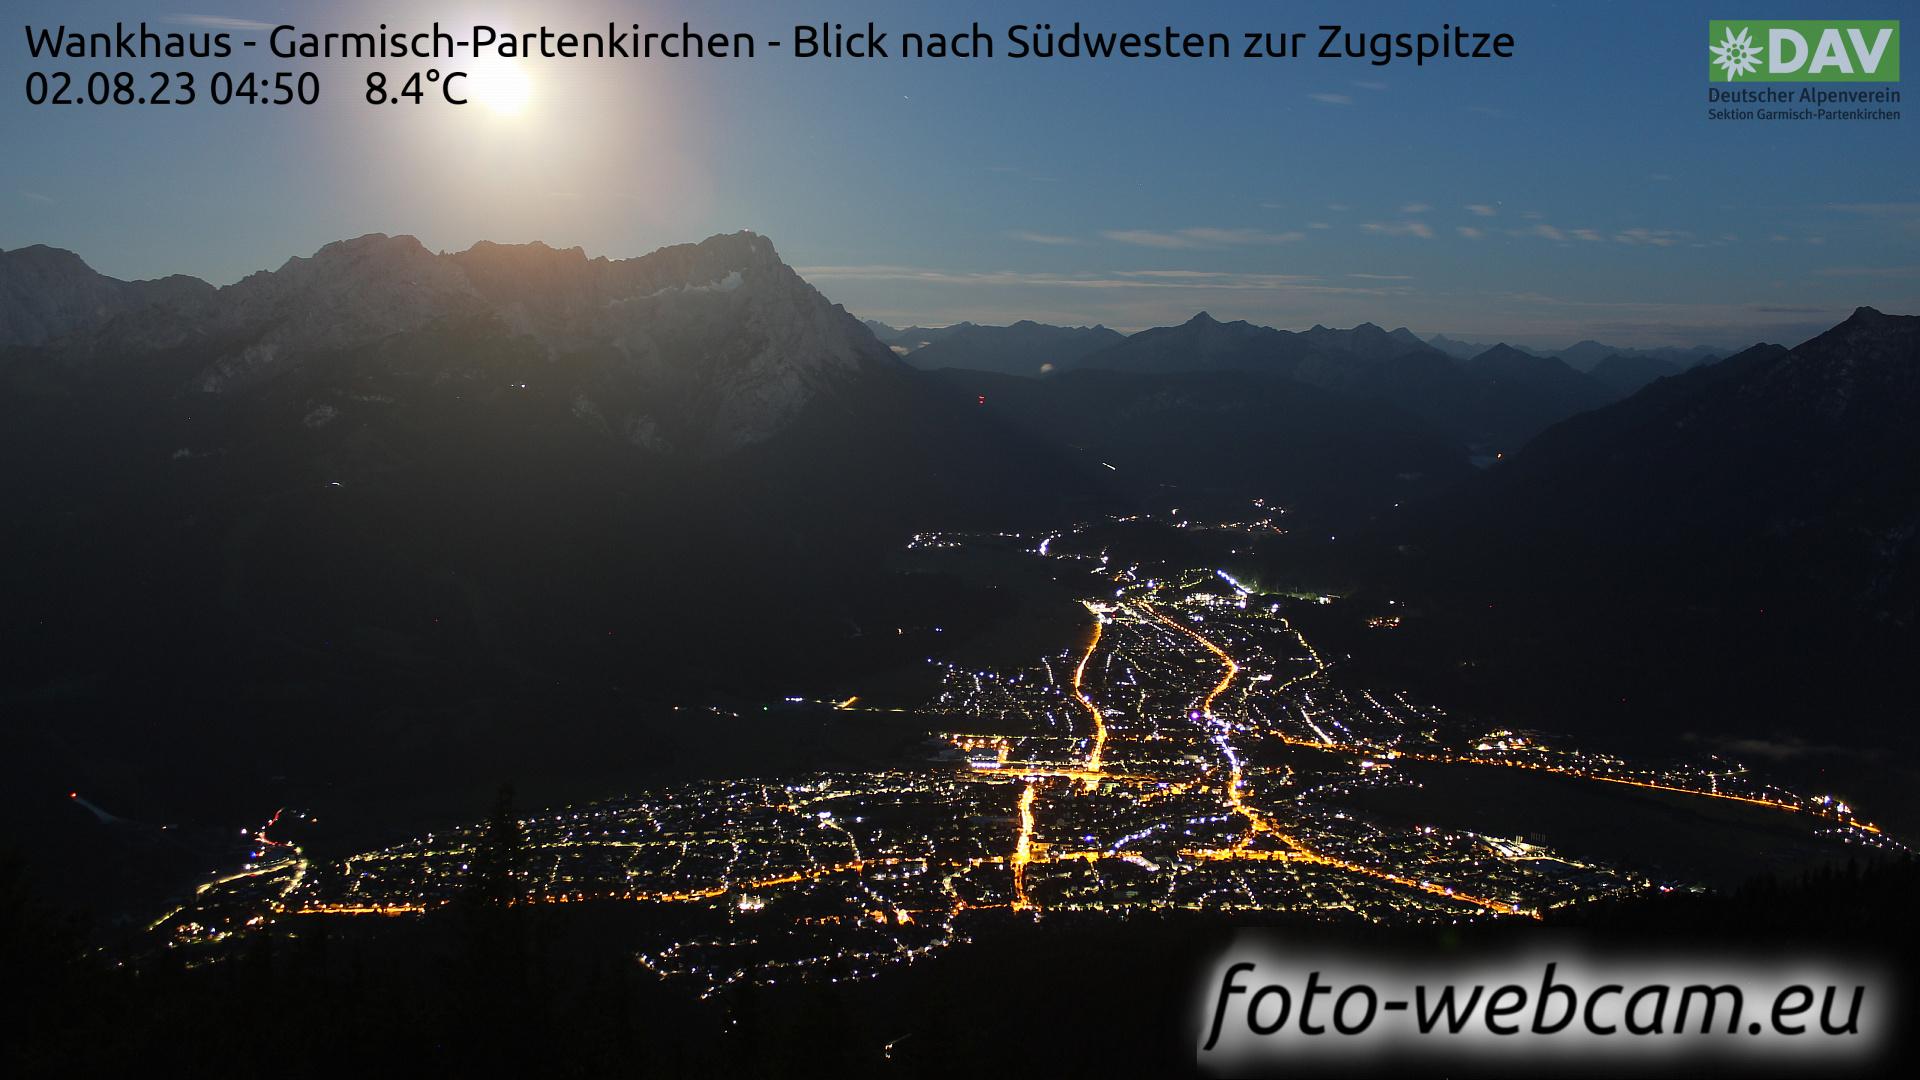 Garmisch-Partenkirchen Mon. 04:52